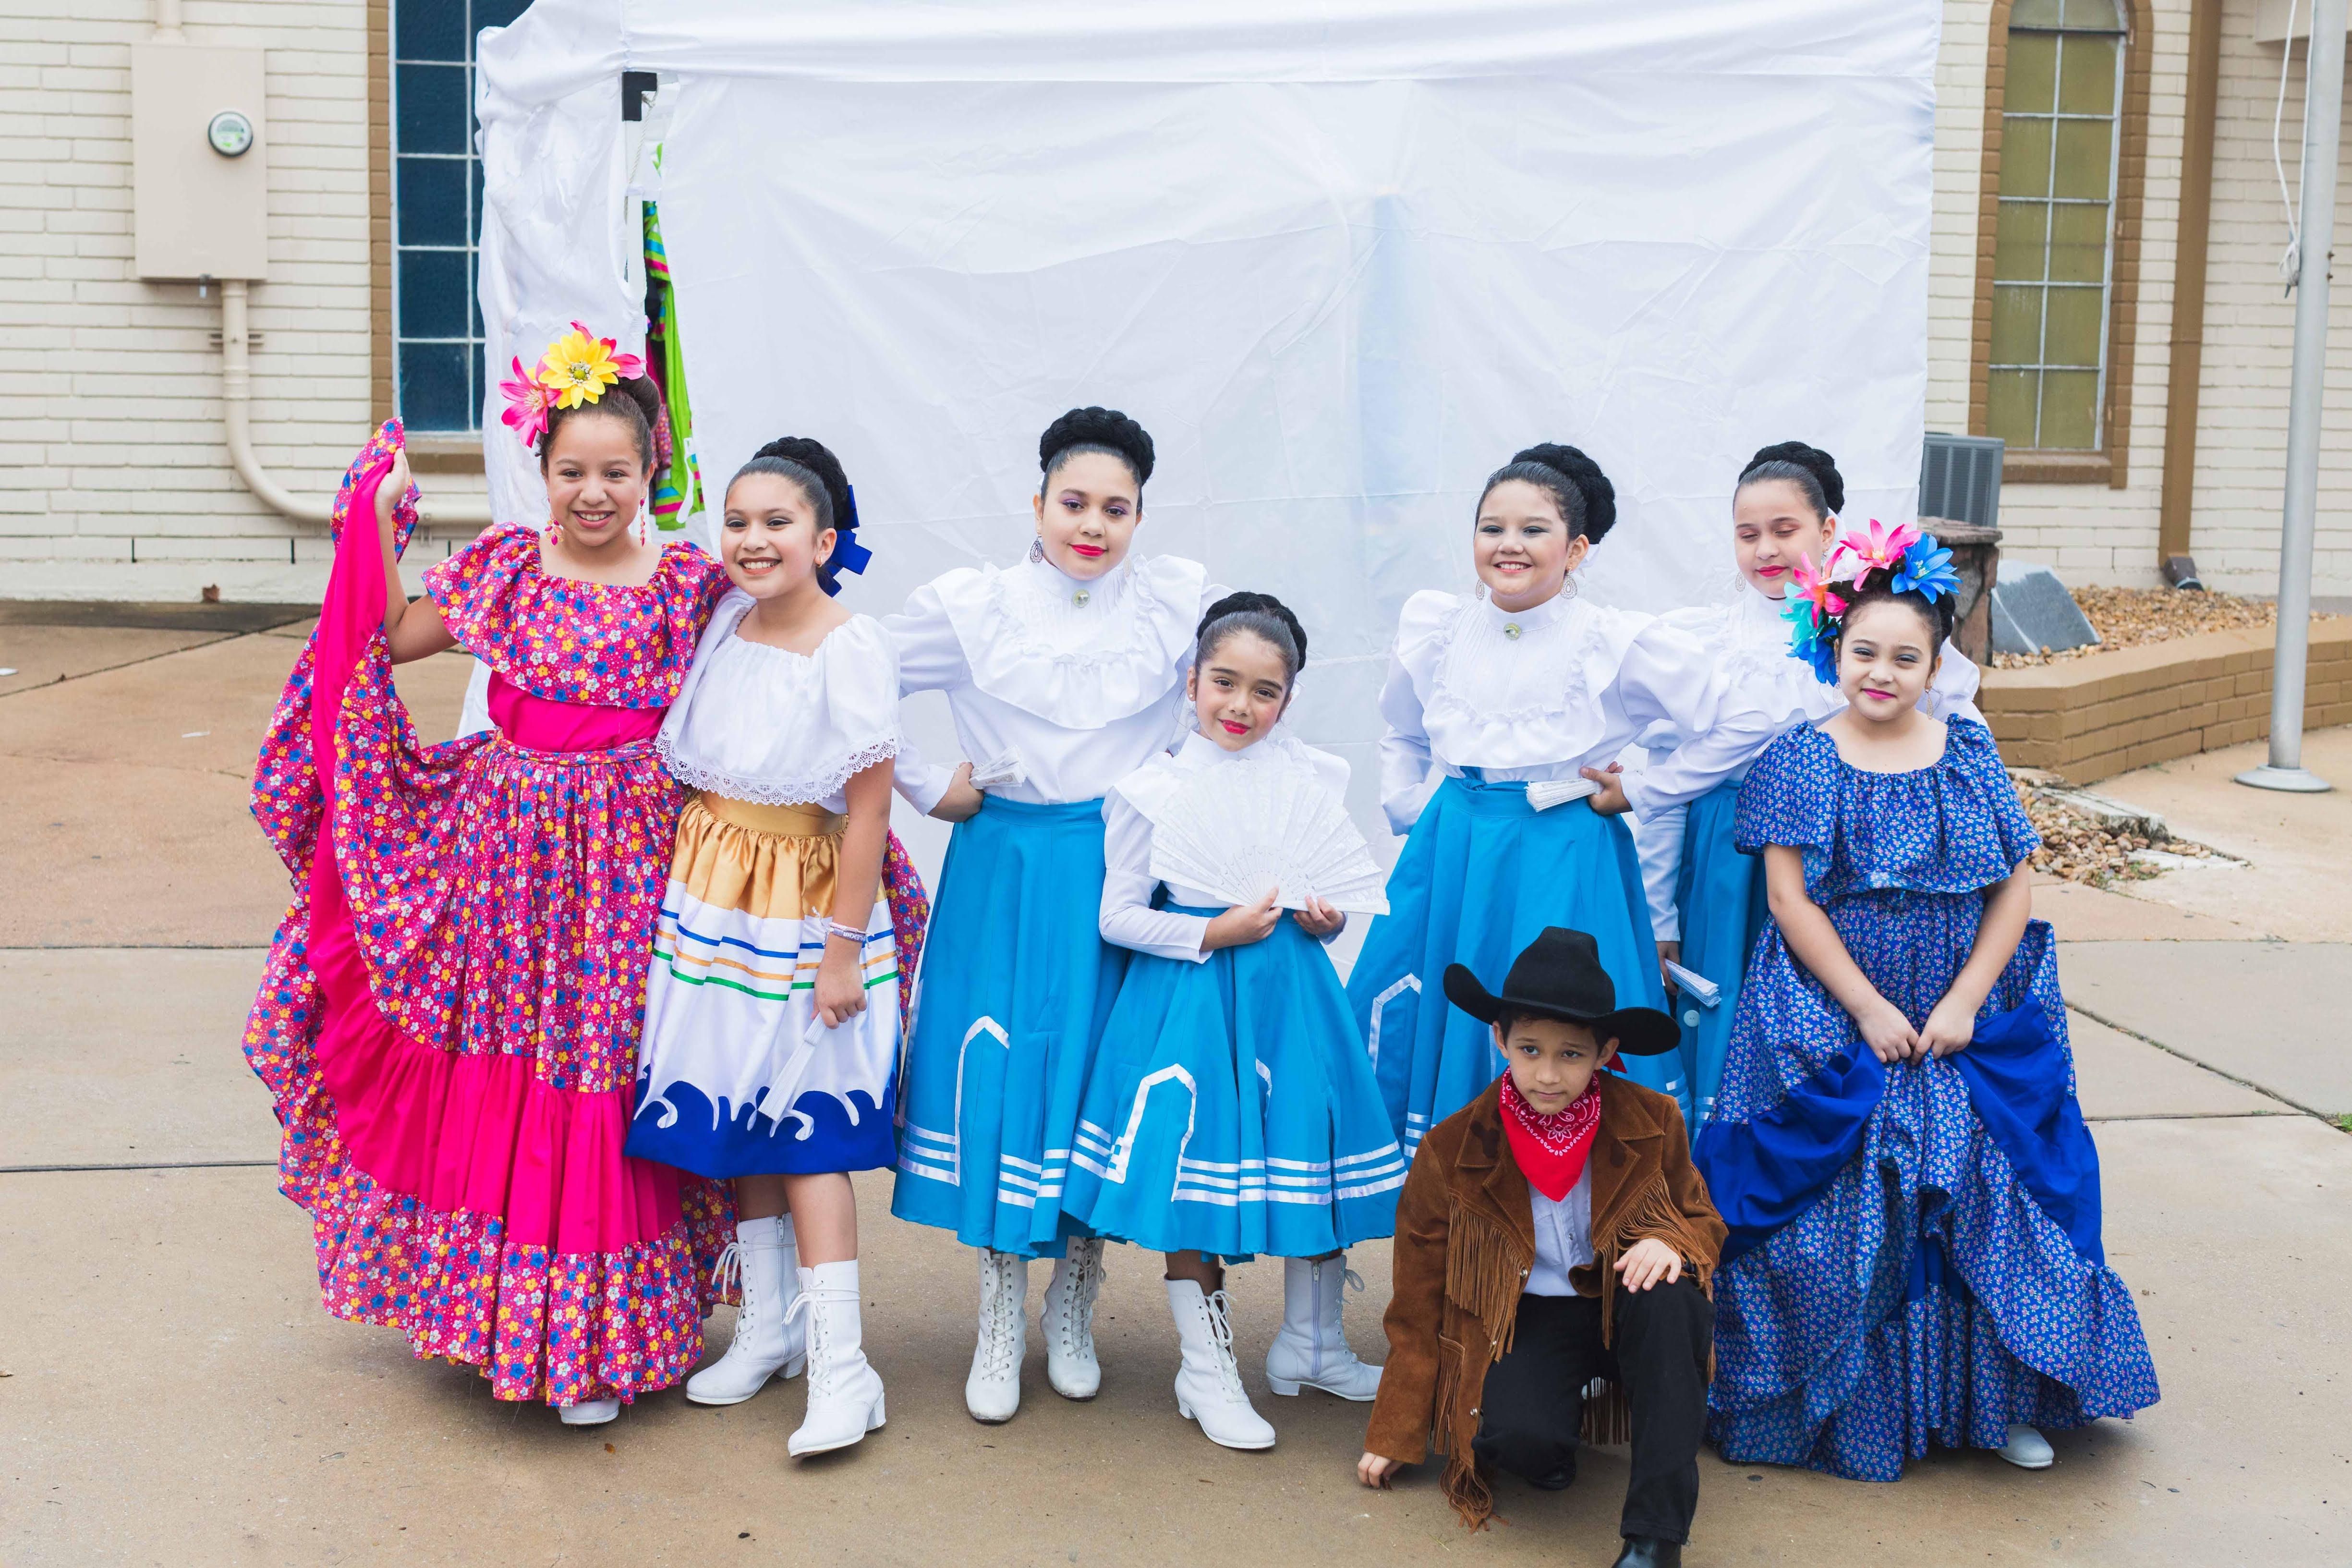 East End Street Fest Ballet Folklorico